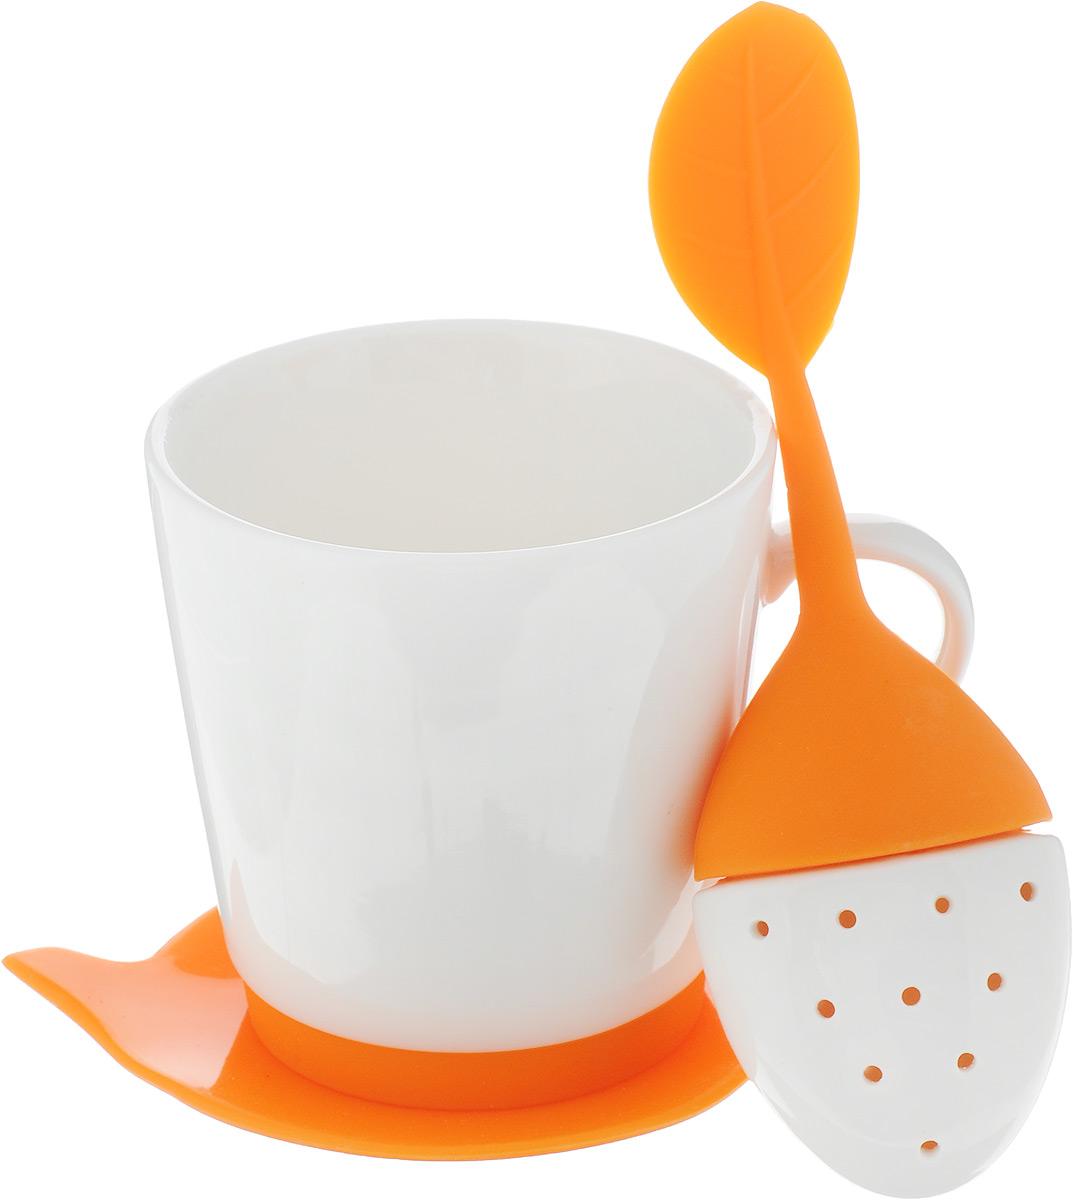 Набор чайный Oursson, цвет: оранжевый, 3 предметаTW89560/ORНабор для чая Oursson состоит из кружки, ситечка и подставки для чайного пакетика. Ситечко и подставка выполнены из экологически чистого силикона в форме ягодки и чайника. Кружка выполнена из высококачественной керамики с глазурованным покрытием. Основание кружки дополнено силиконовой вставкой. Такой чайный набор прекрасно оформит сервировку стола к чаепитию. Можно мыть в посудомоечной машине и использовать в СВЧ-печи. Объем кружки: 200 мл. Диаметр кружки (по верхнему краю): 8 см. Высота кружки: 8,5 см. Размер подставки: 12,5 х 10,5 х 1 см. Размер ситечка: 17 х 5,5 х 1,5 см.